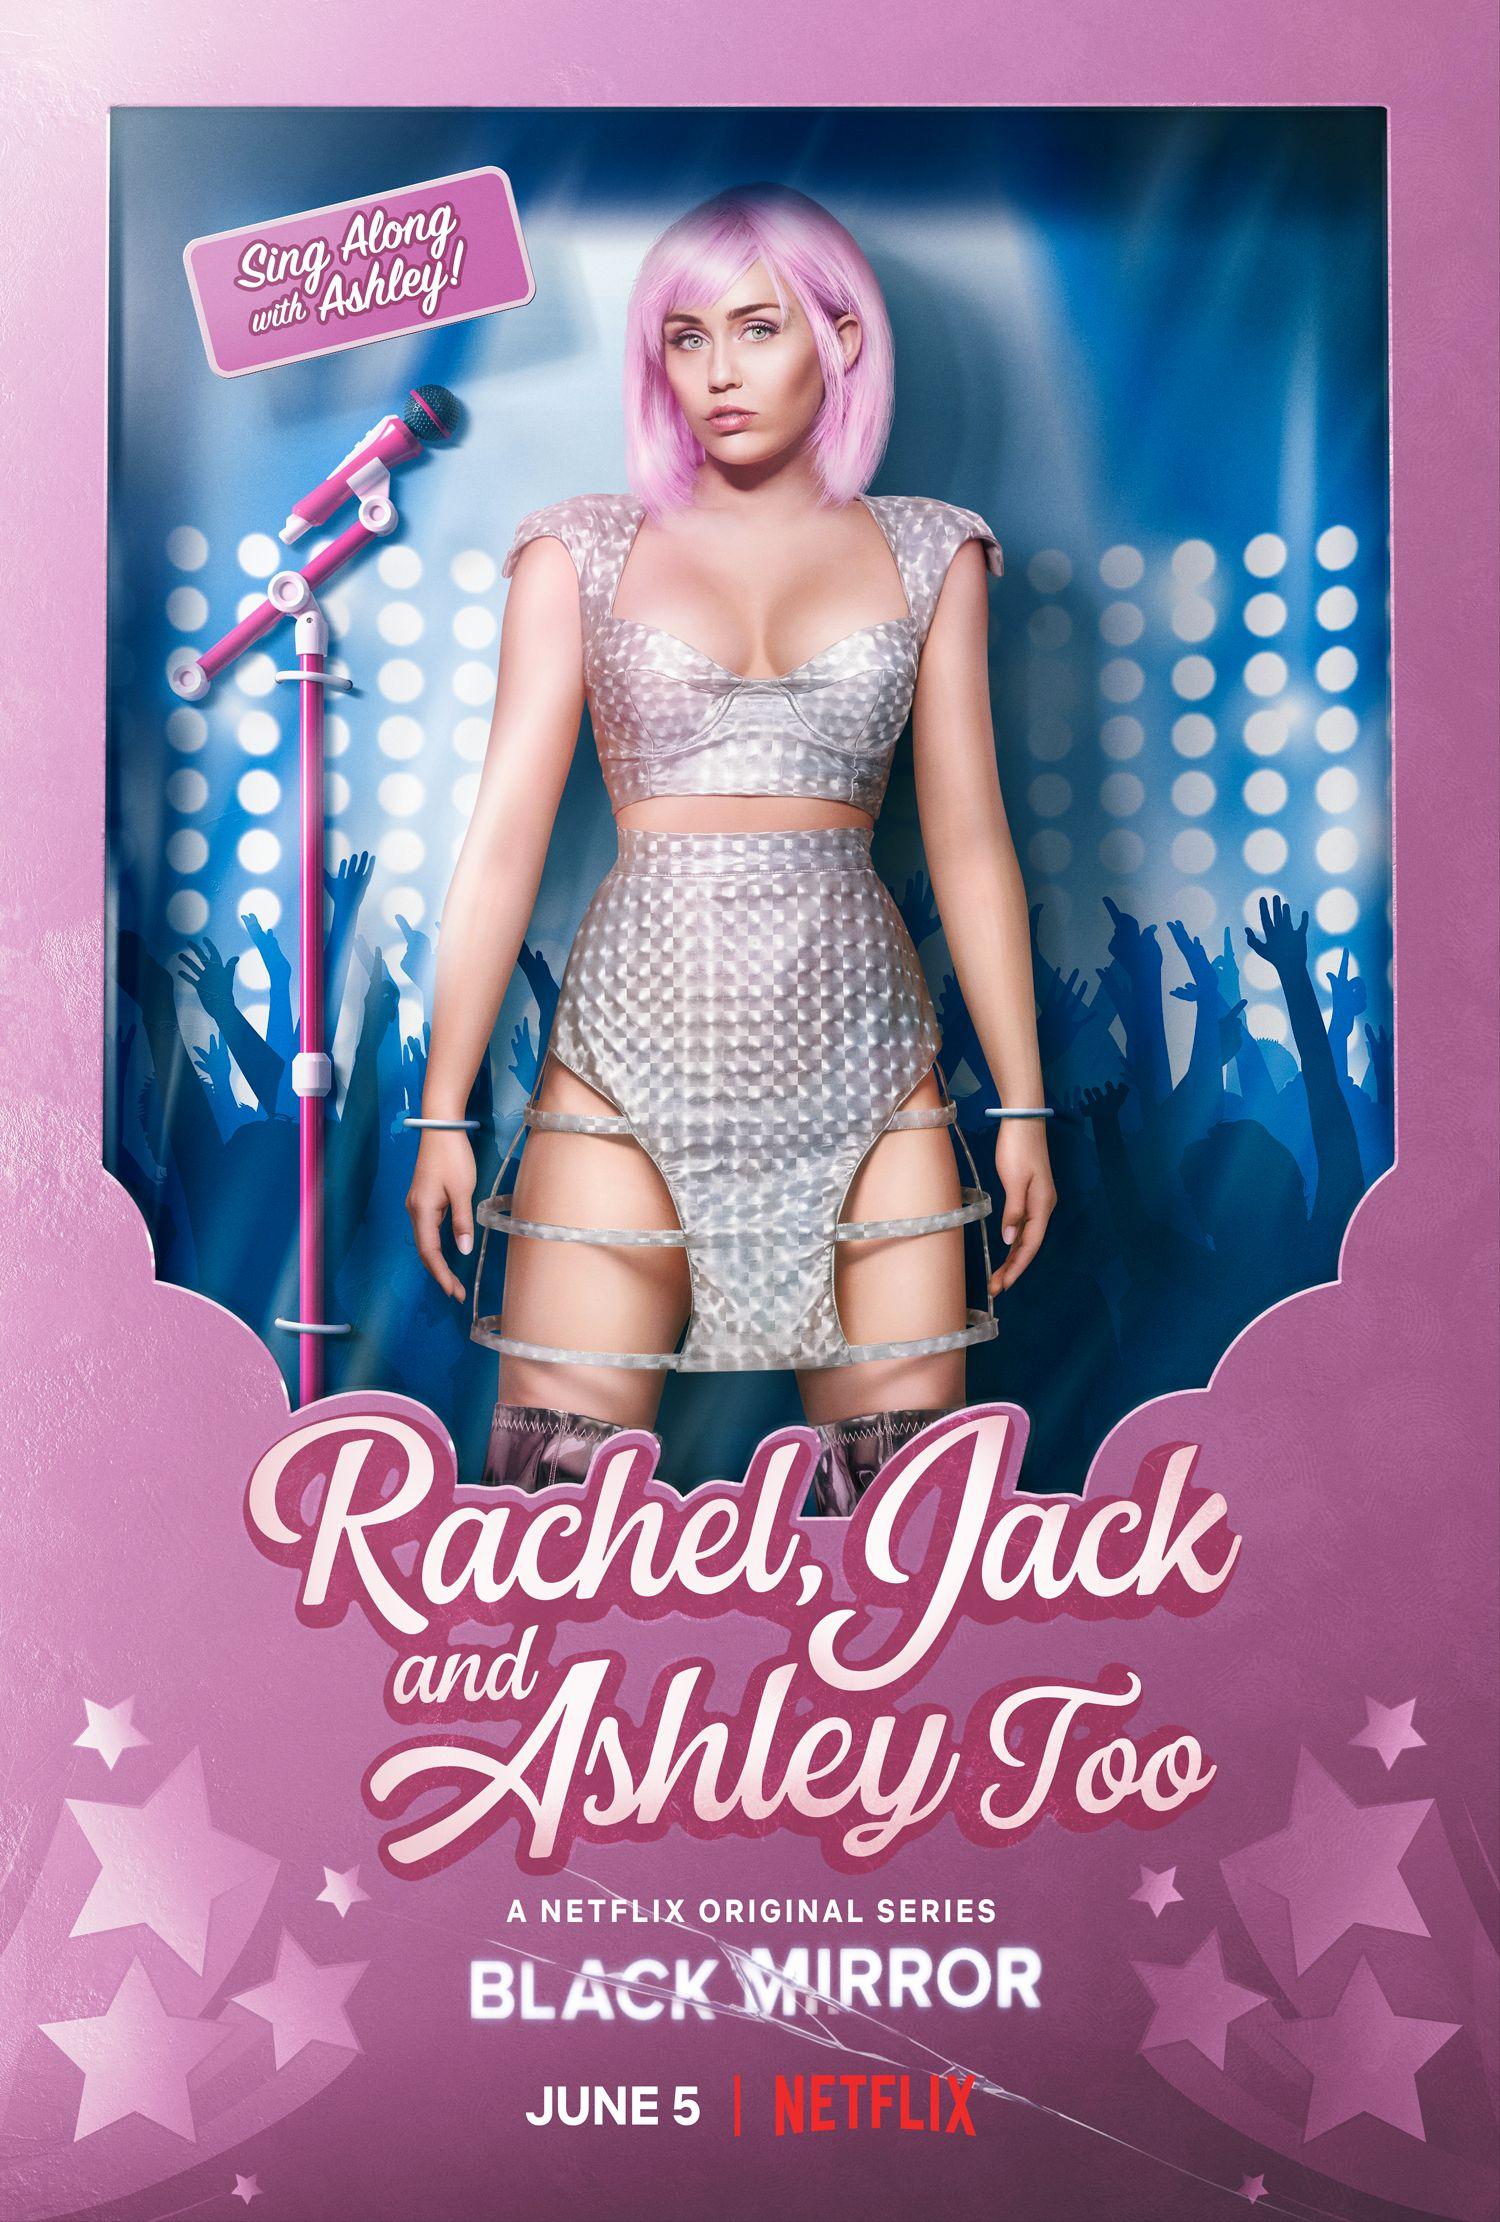 PLAKAT: Slik promoteres episoden der Miley Cyrus har hovedrollen.